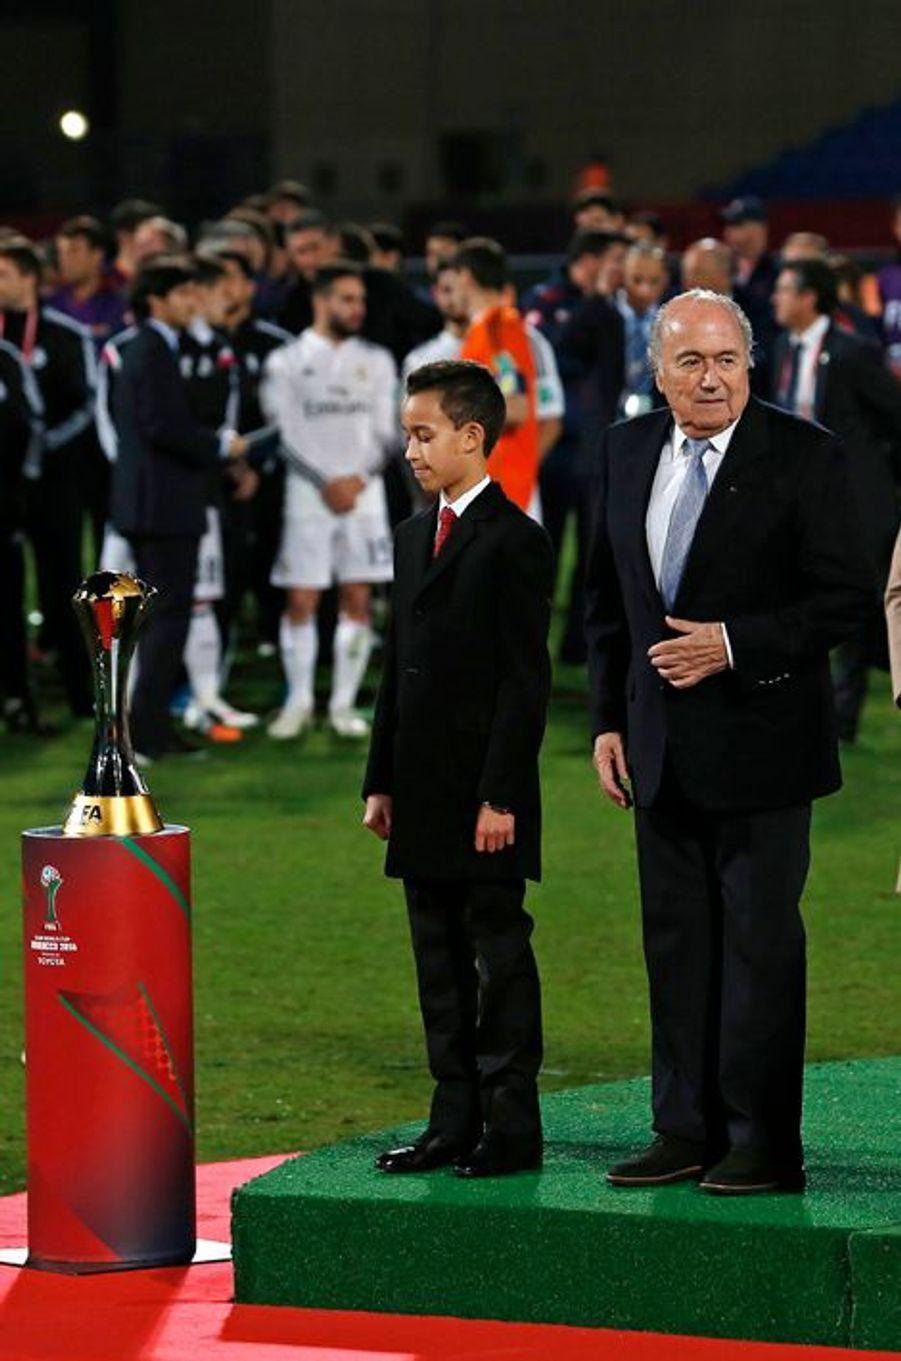 Le prince Moulay El Hassan du Maroc avec le président de la Fifa Sepp Blatter à Marrakech, le 20 décembre 2014